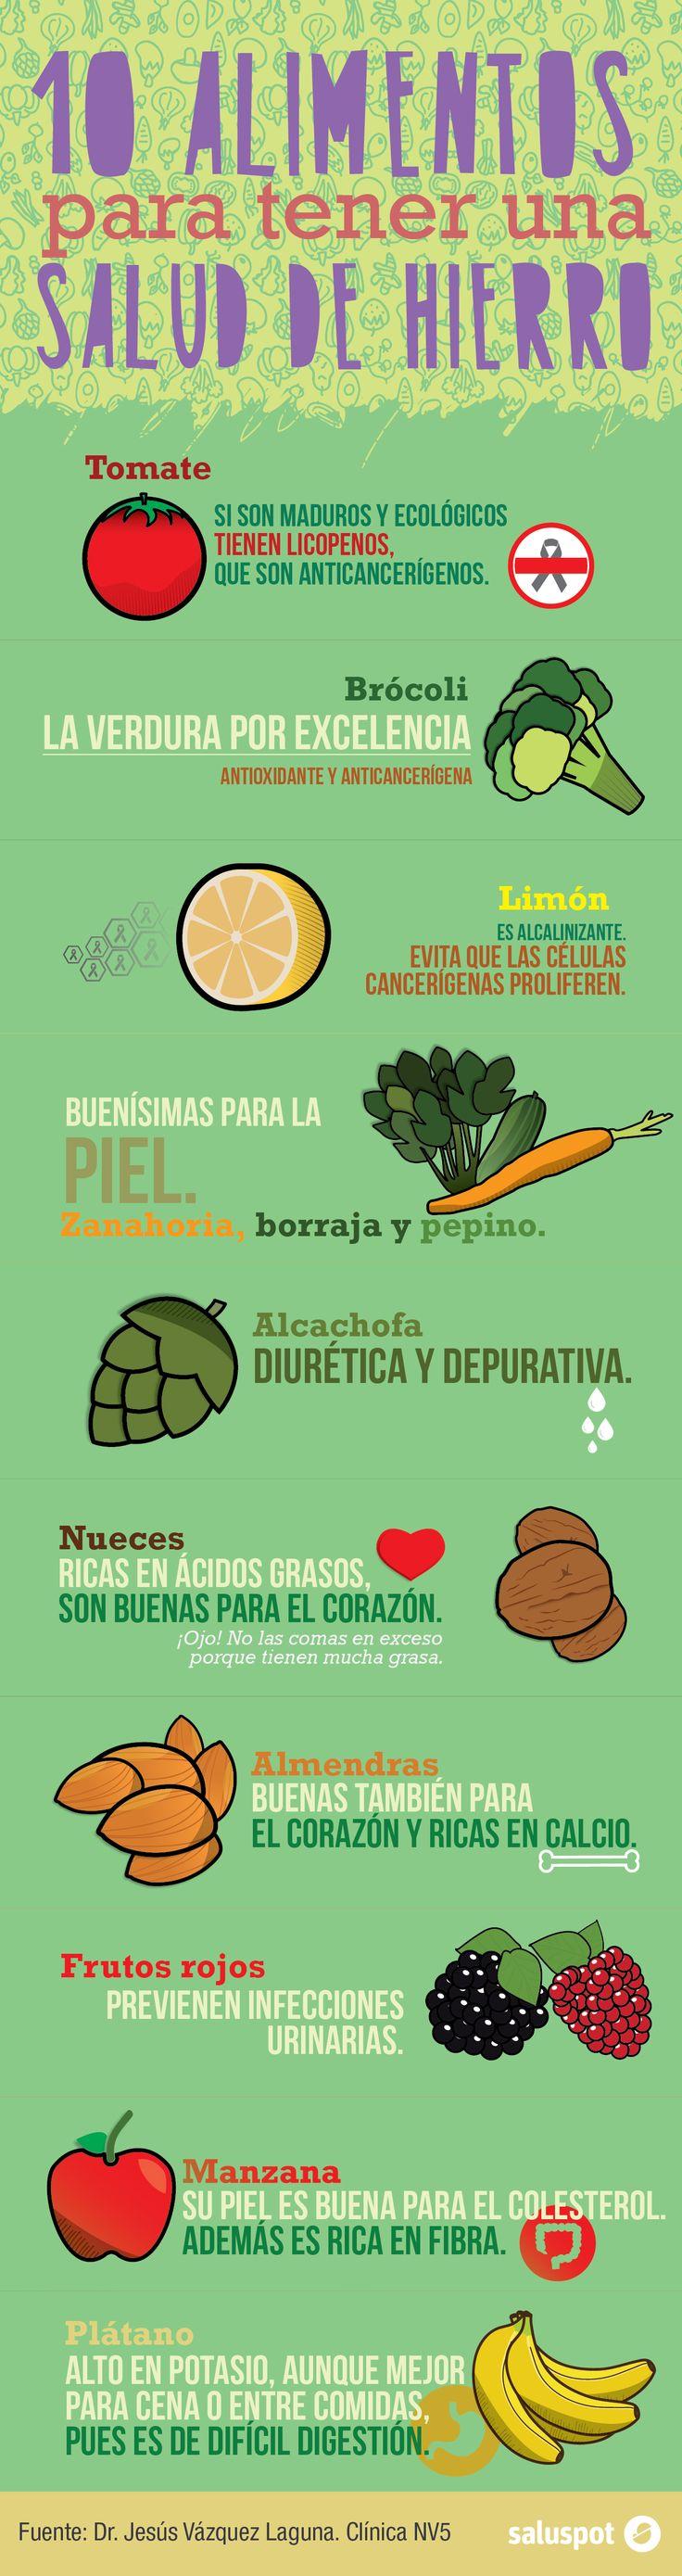 10 alimentos para tener una salud de hierro